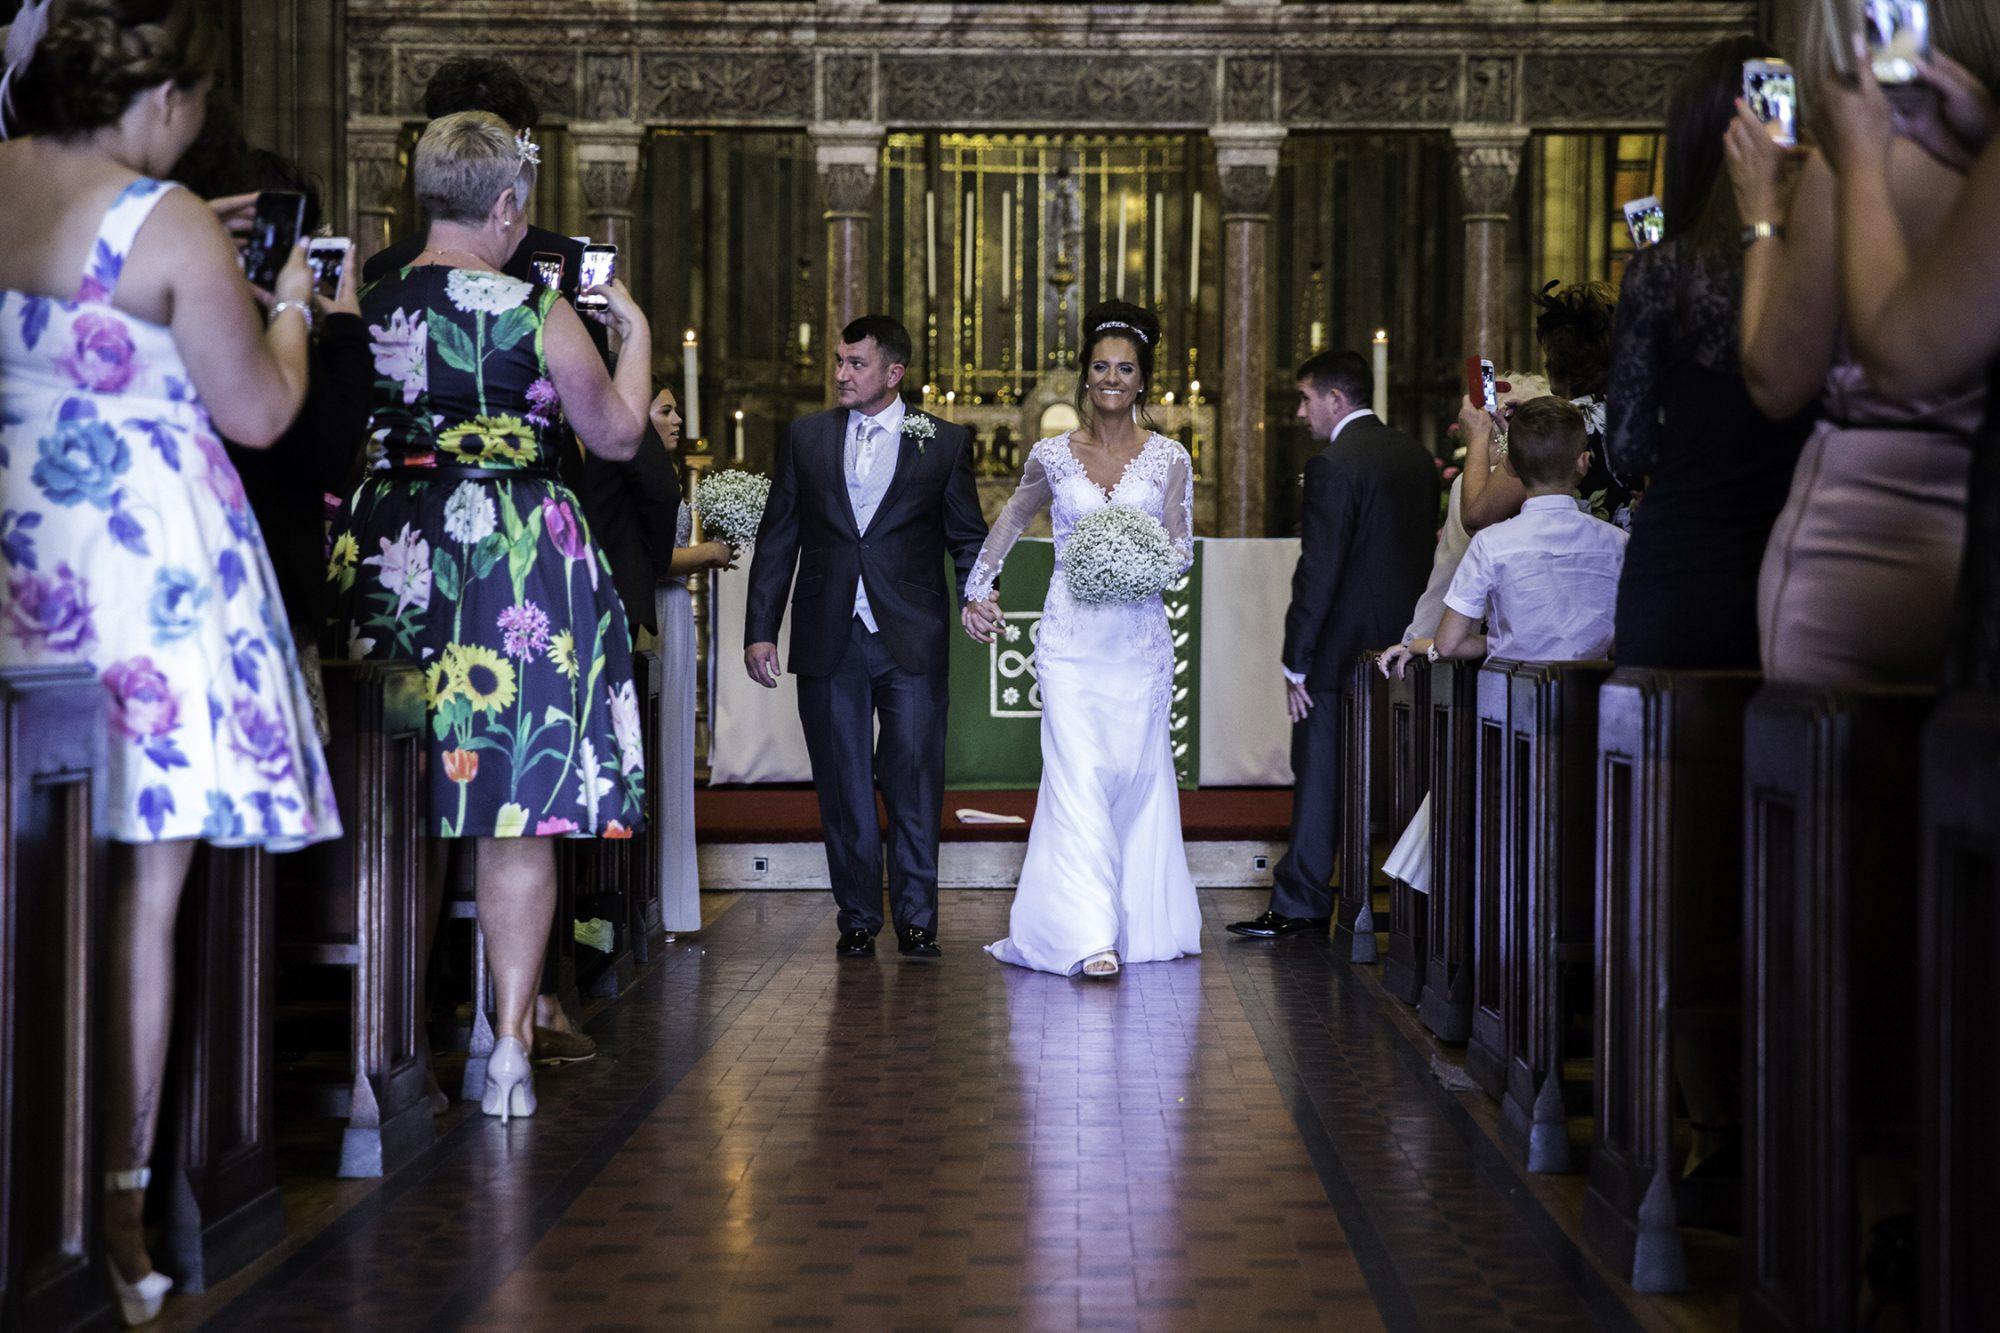 Just MarriedWedding Photography Portfolio Manchester